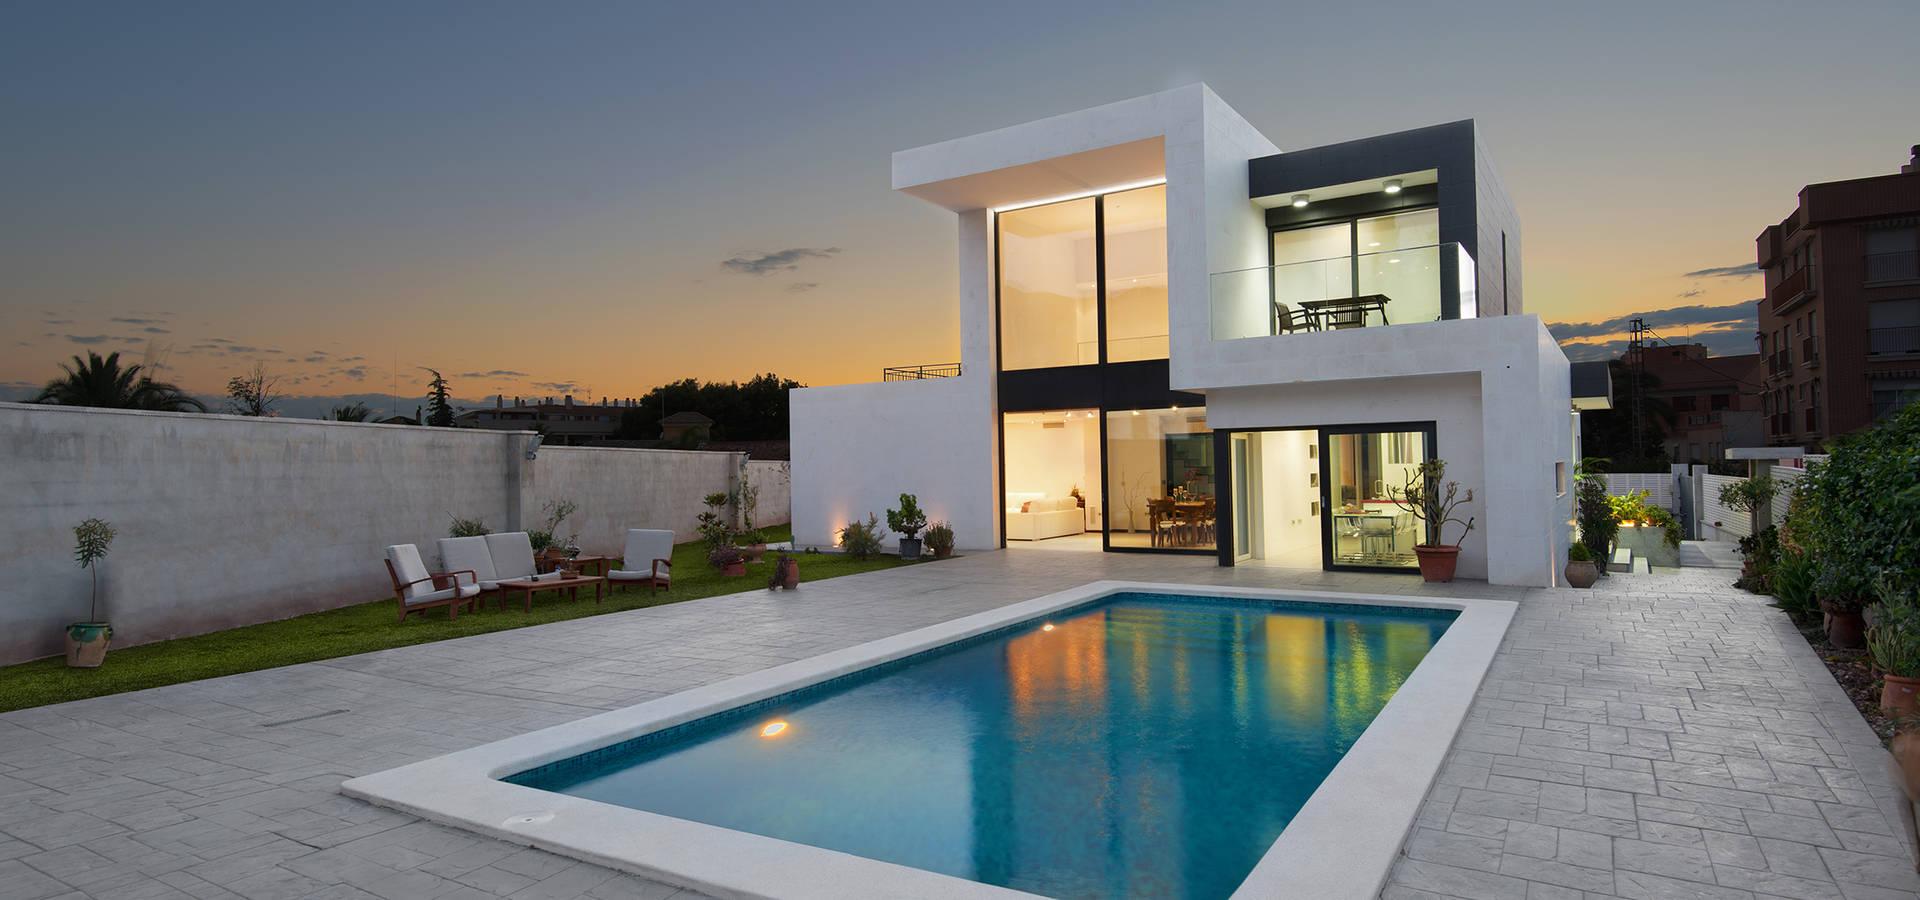 TOV.ARQ Estudio de Arquitectura y Urbanismo